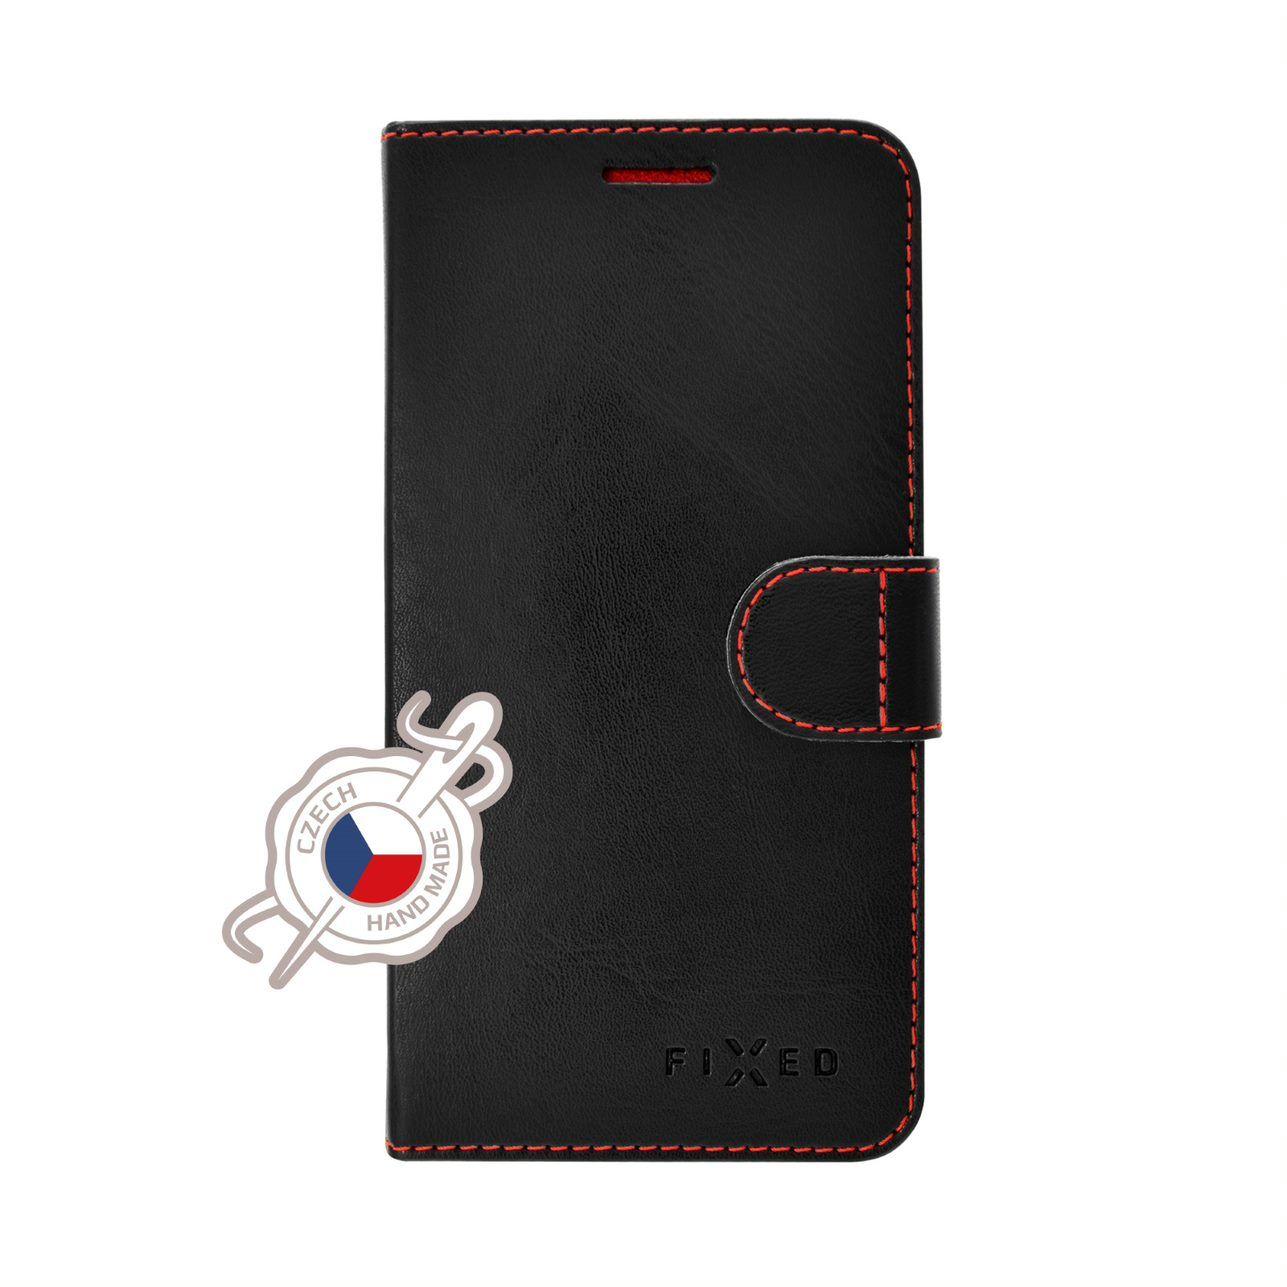 FIXED FIT flipové pouzdro pro Samsung Galaxy A7 2018, černé